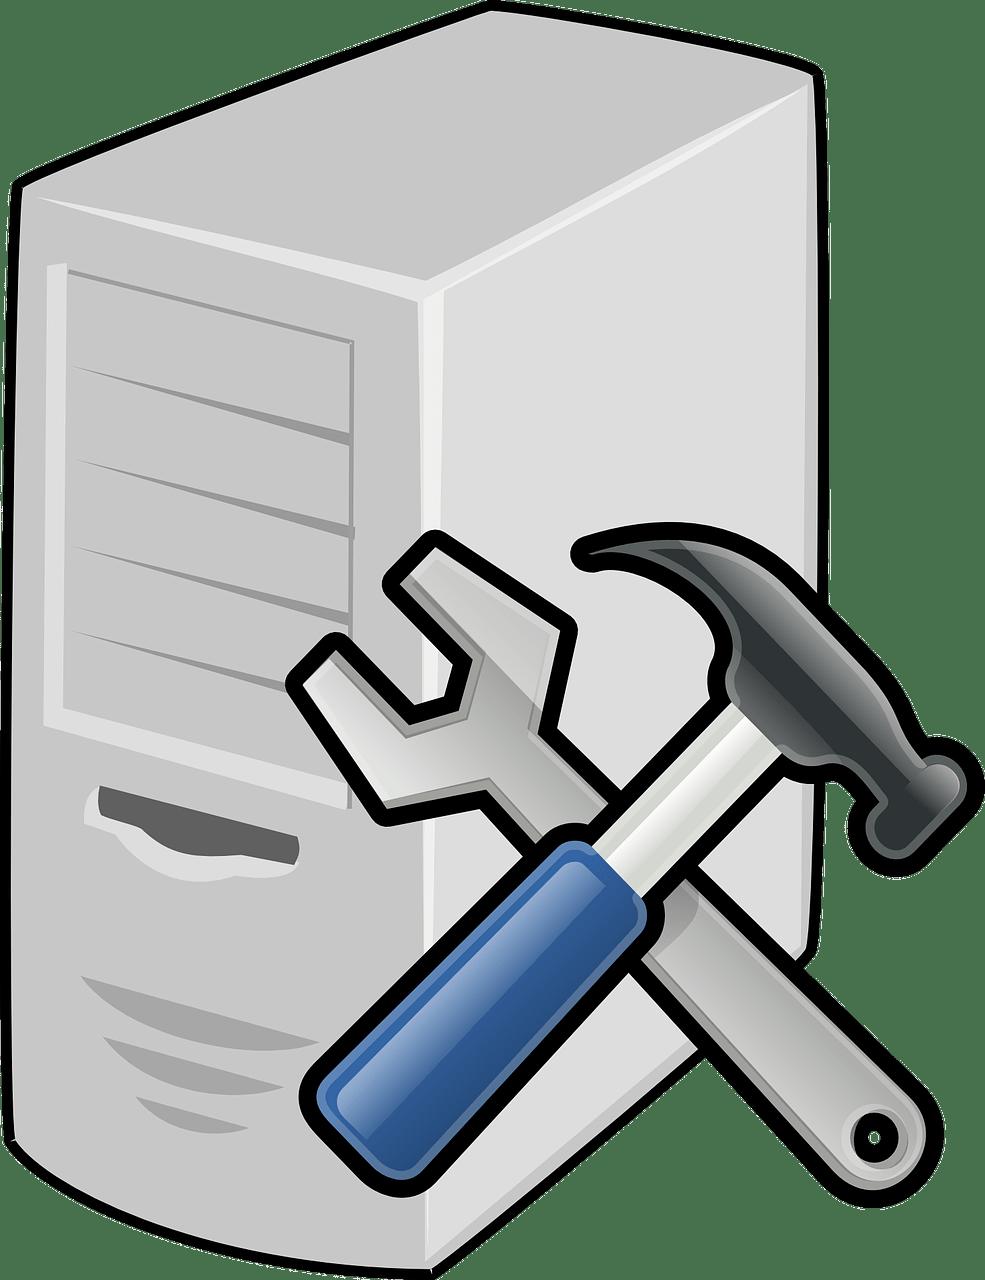 Backing your drupal up. Website clipart computer website